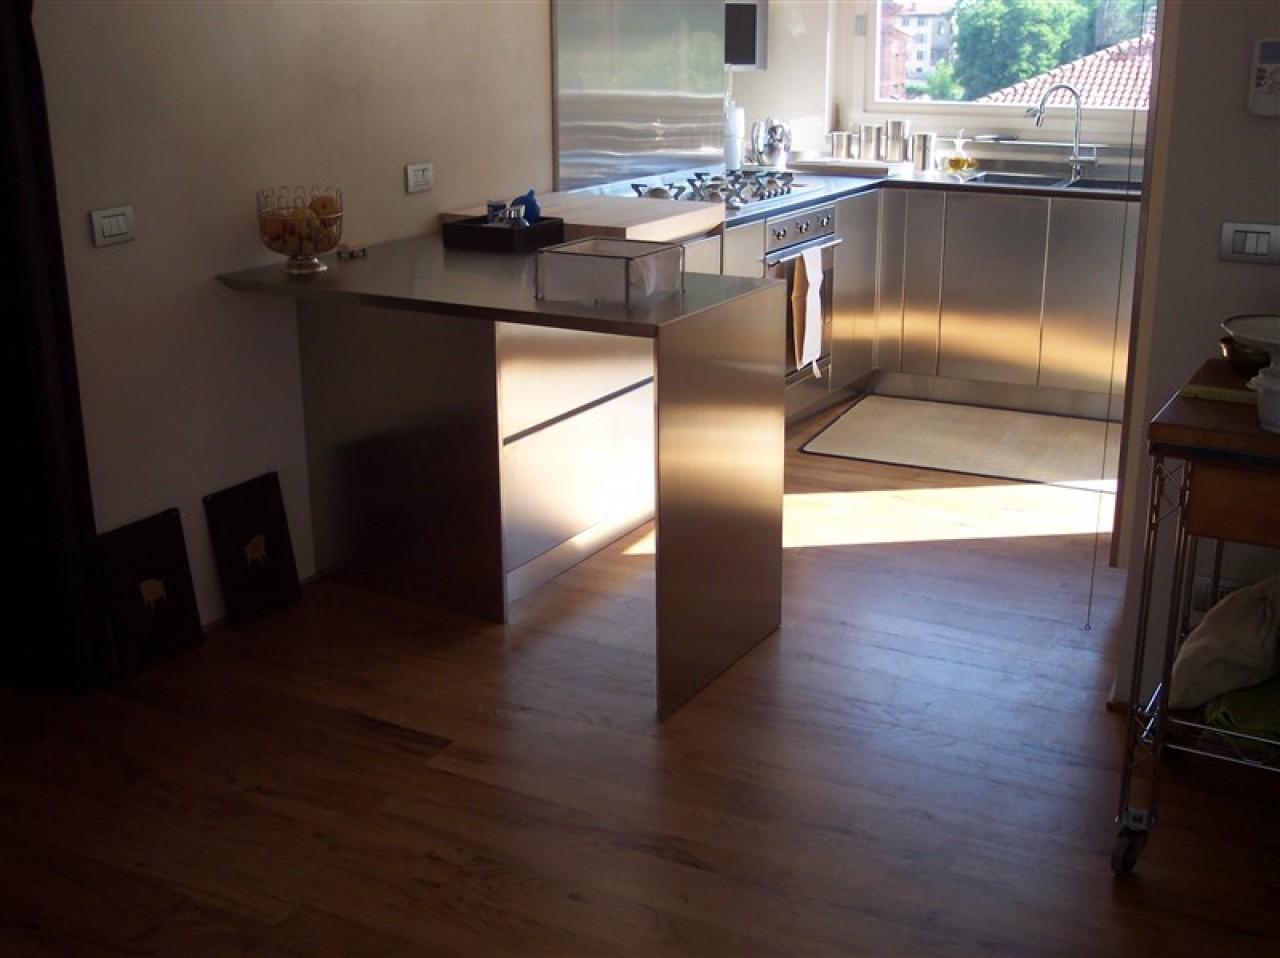 Cucina top bordo inclinato | Progetti Borlina Acciaio